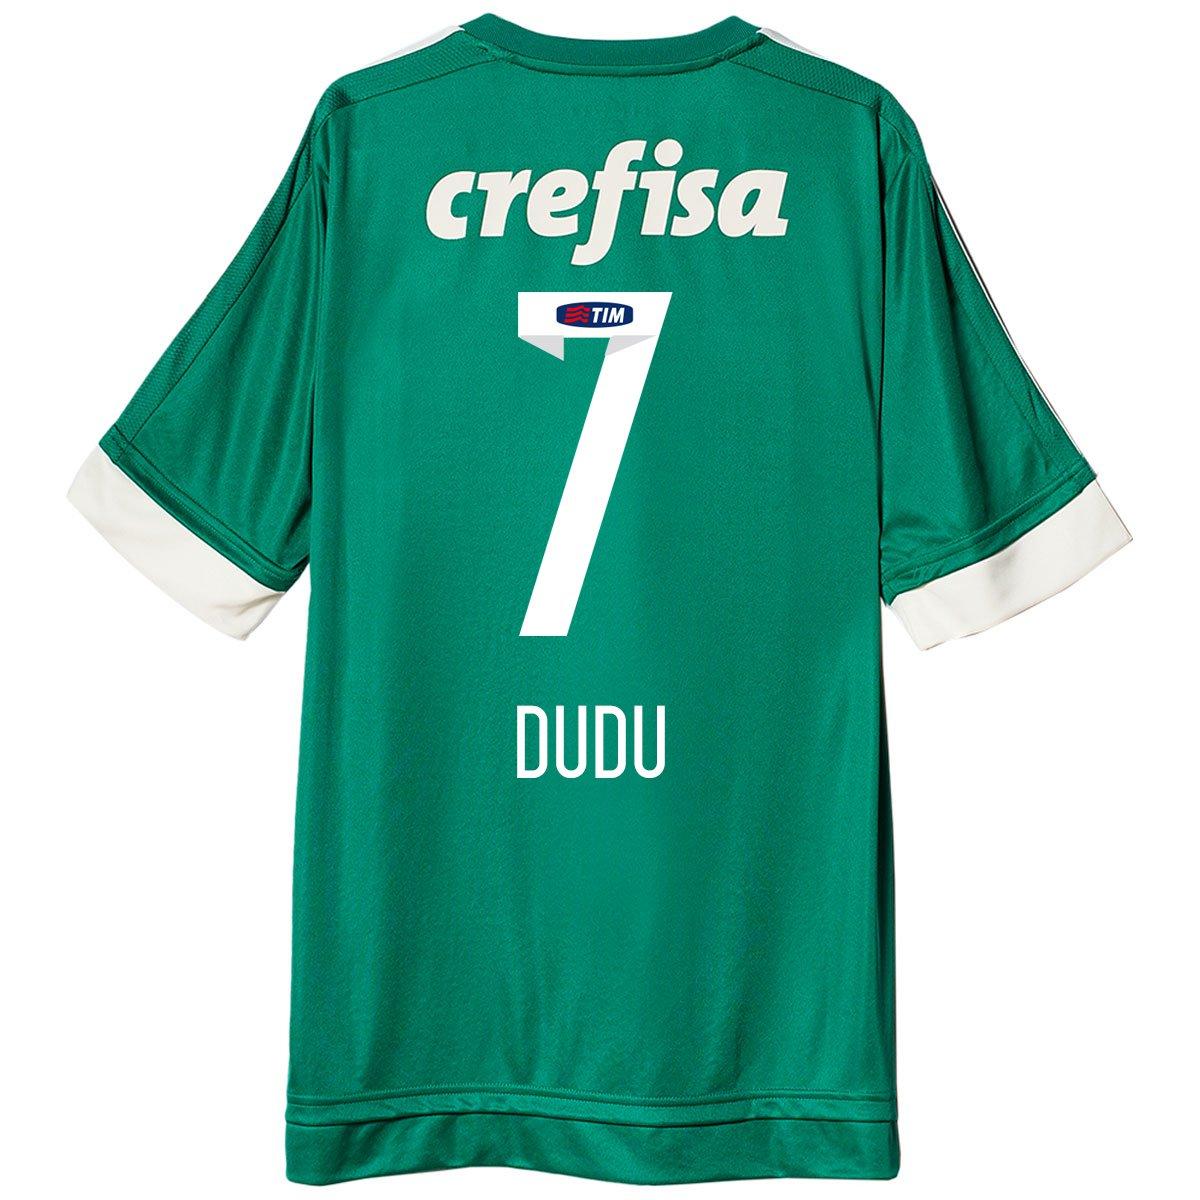 Camisa Adidas Palmeiras I 15 16 nº 7 - Dudu - Compre Agora  ec22a549c3f28